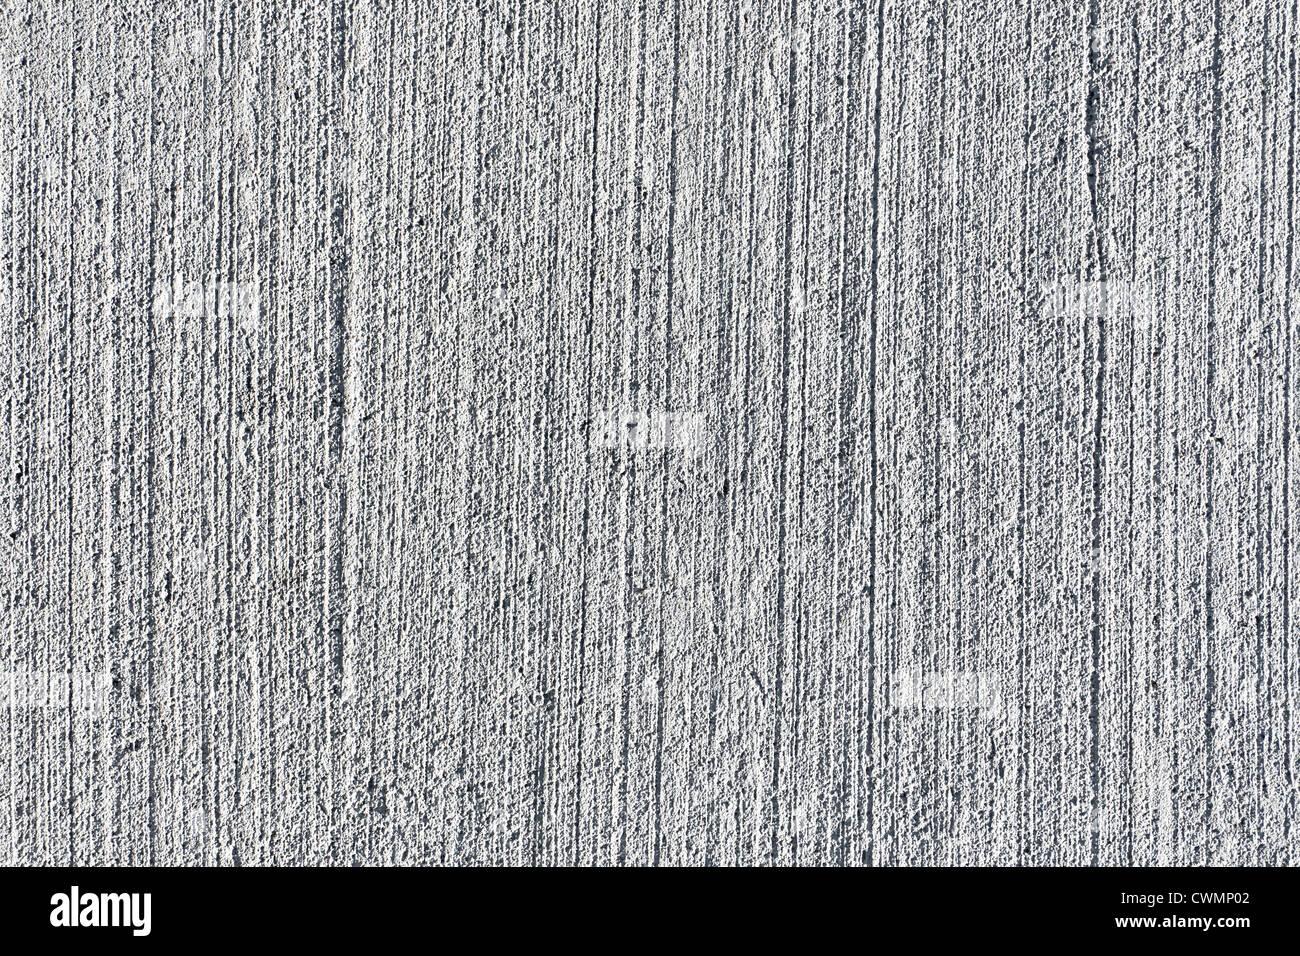 Sullo sfondo di un calcestruzzo testurizzato con finitura spazzolata Immagini Stock